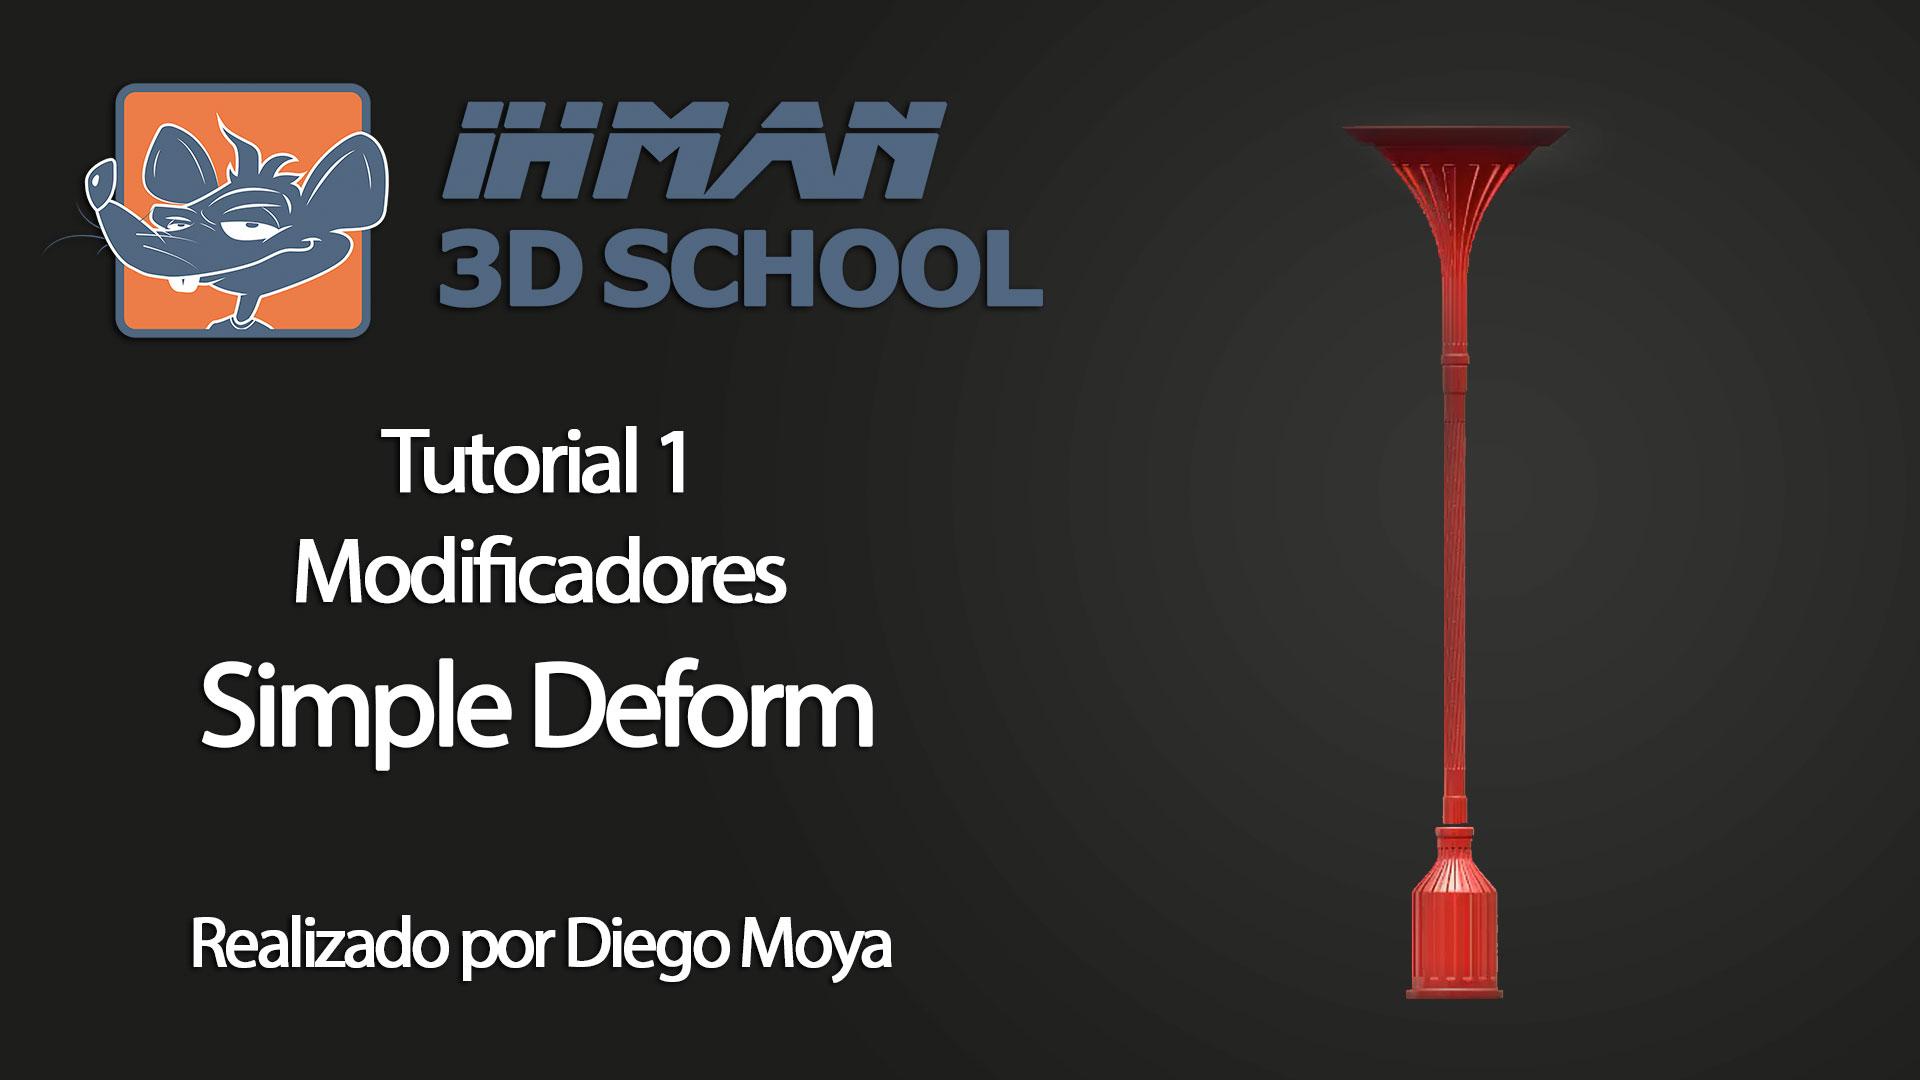 Tutorial 1 modificadores: simple deform-cabecera_simple_deform.jpg